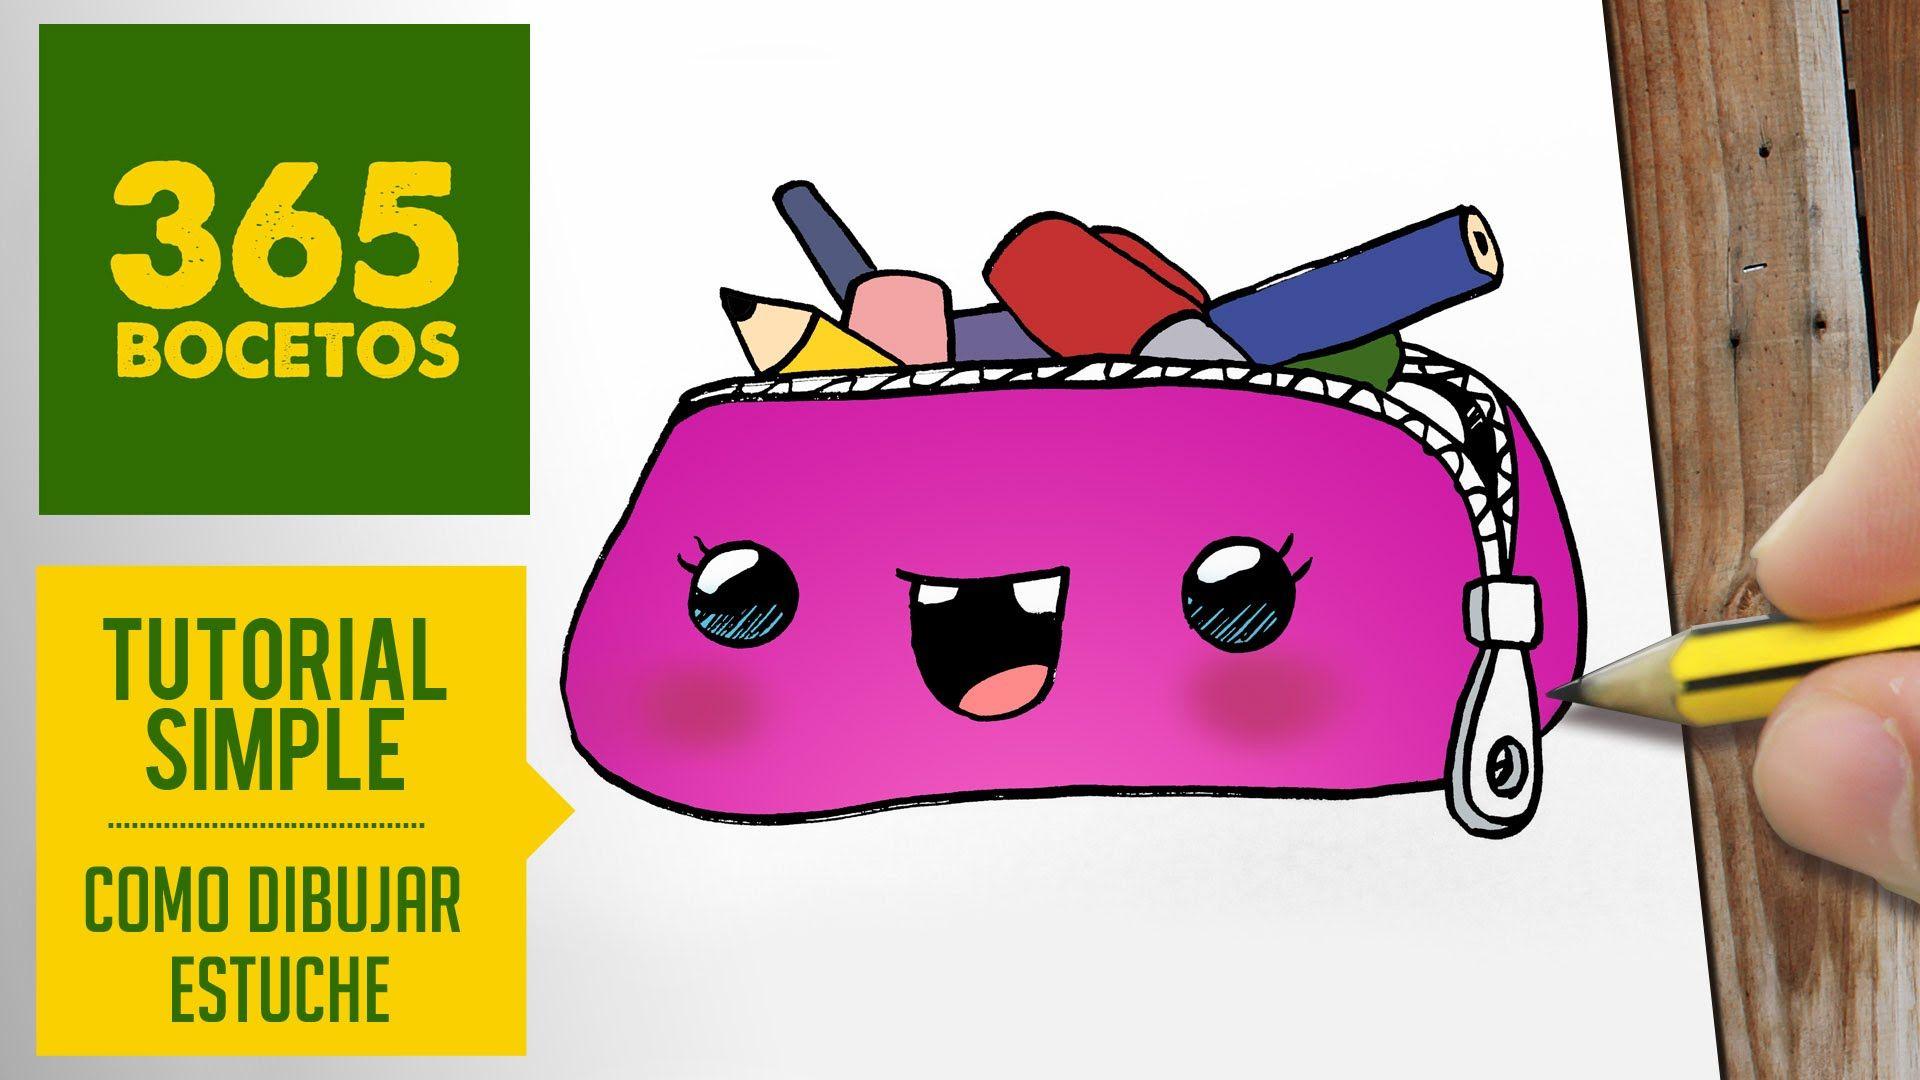 Shopkins Oreo Coloring Page Banh Keo My Cửa Hàng Bánh Kẹo Mỹ Uscandy